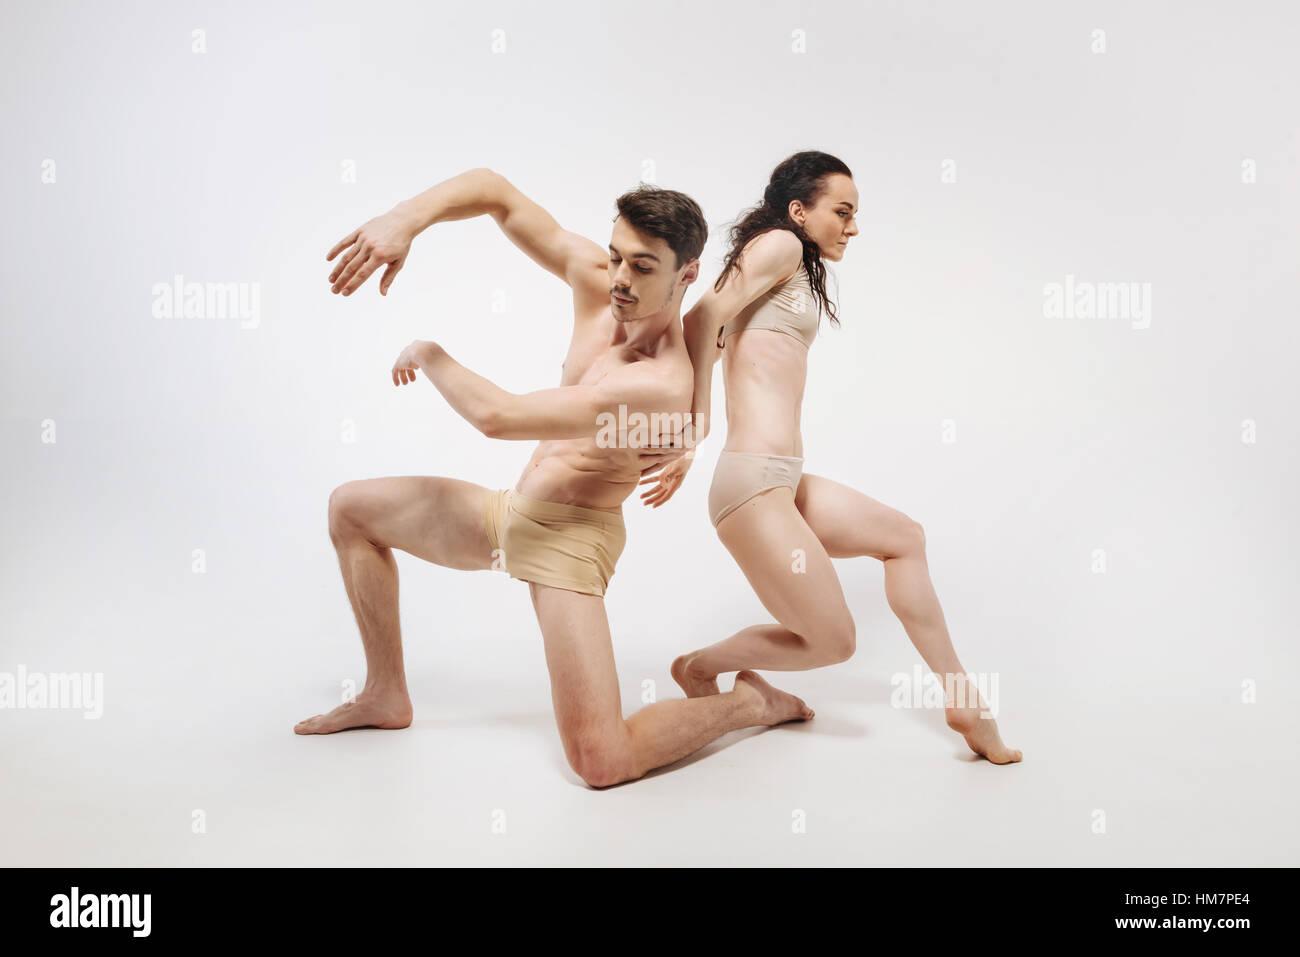 Danseurs de Ballet slim créatifs démontrant leurs idées Photo Stock